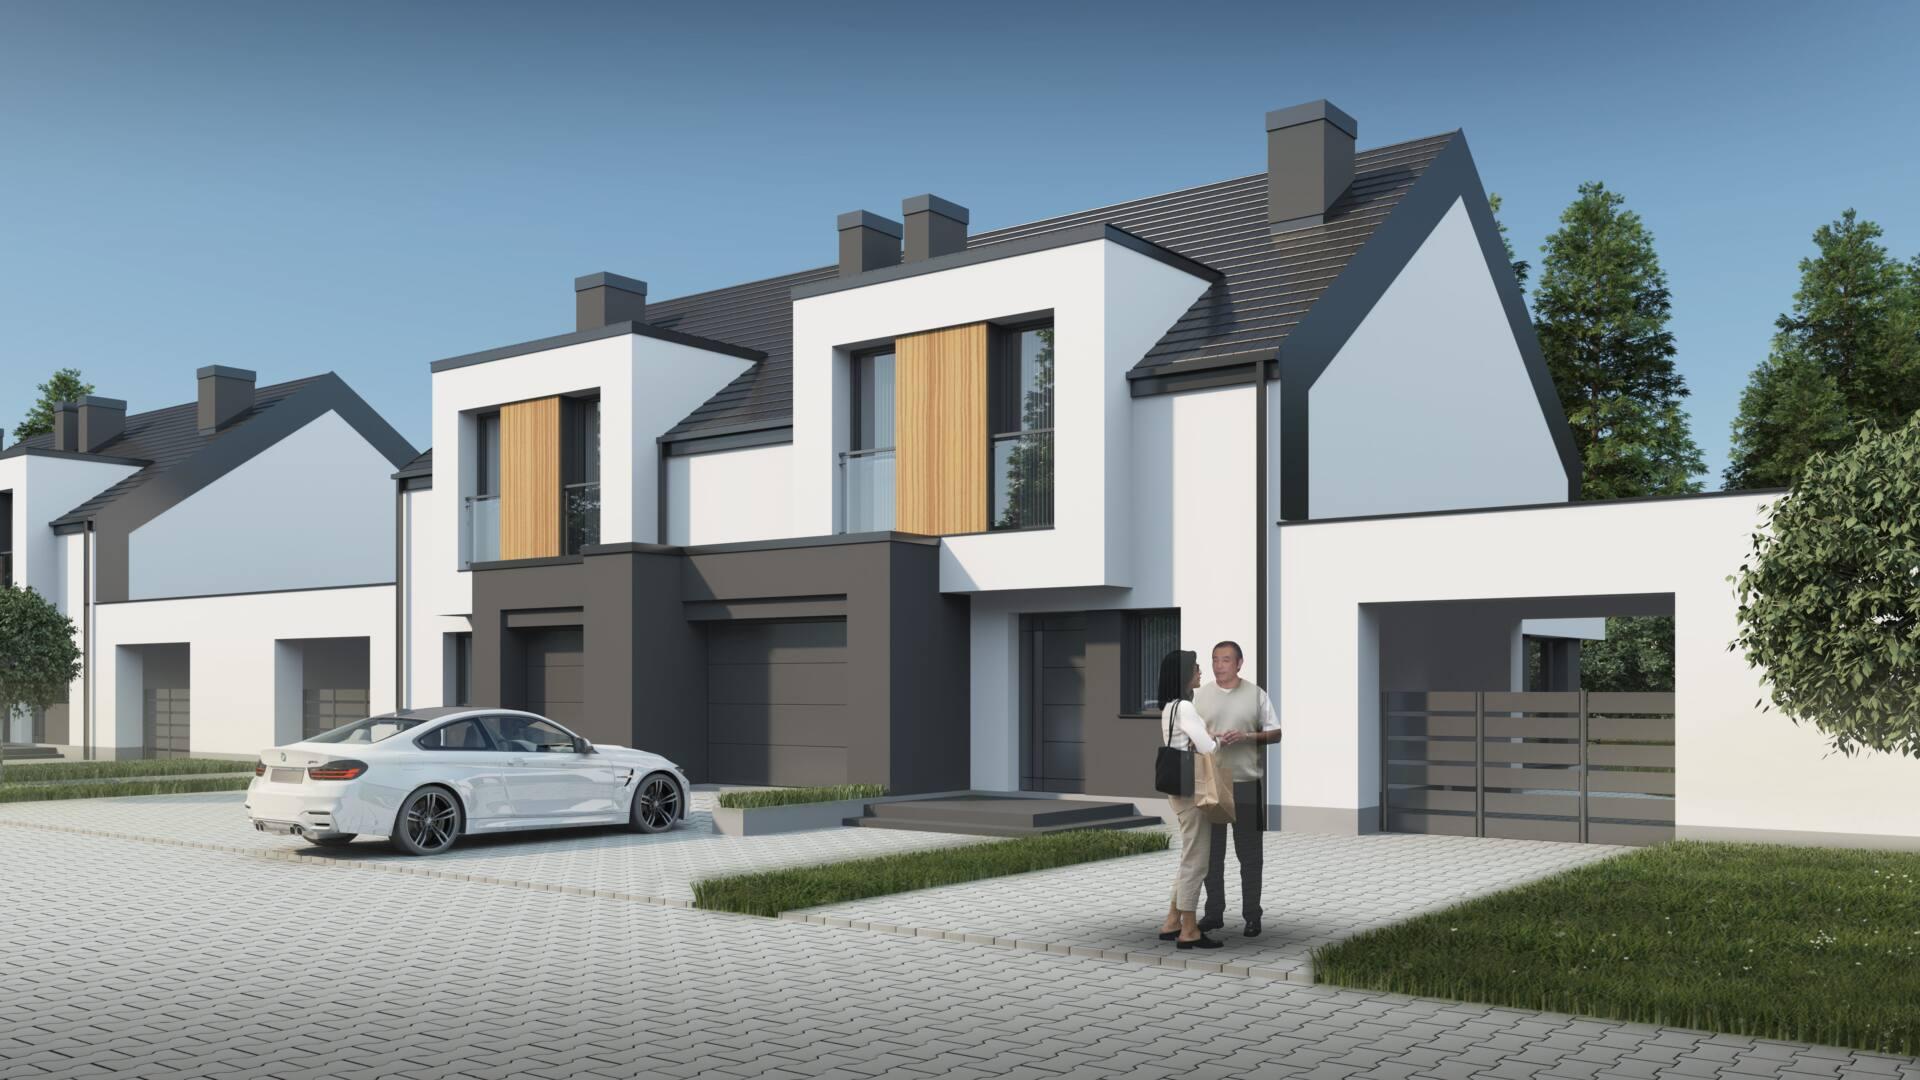 pro c 03 min Zamość: Inteligentne domy w sprzedaży (zdjęcia)